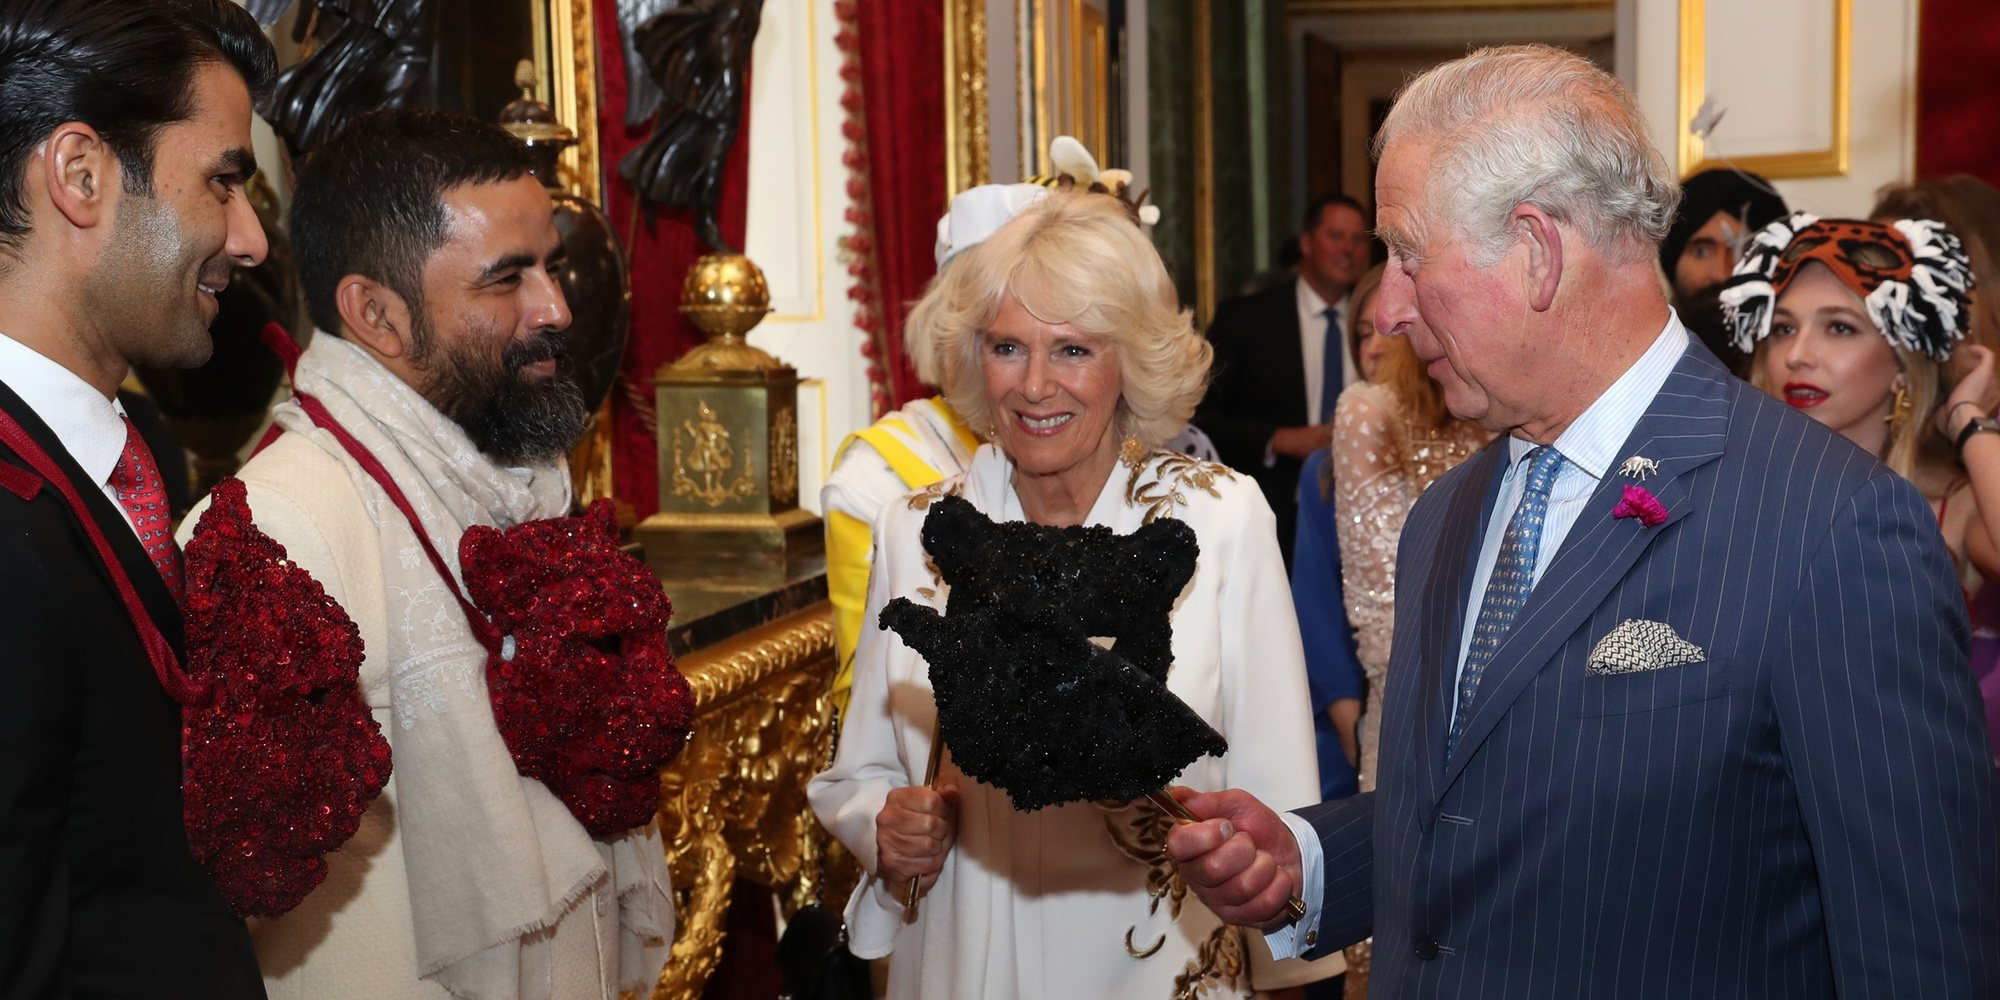 La fiesta de máscaras del Príncipe Carlos y Camilla Parker con la exnovia de James Middleton